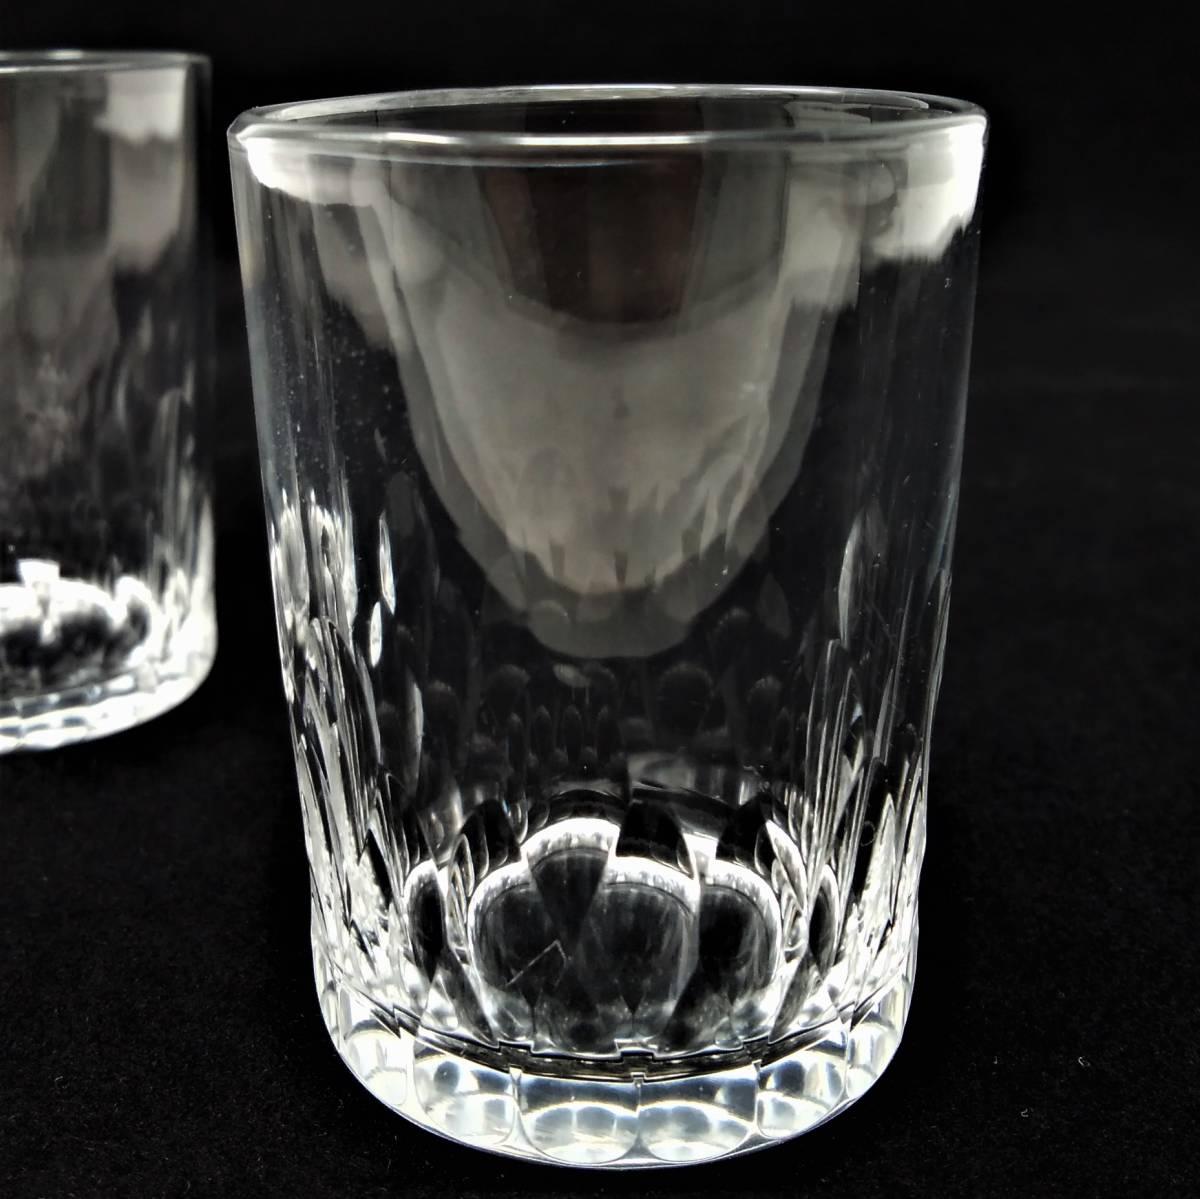 バカラ BACCARAT リシュリュー Richelieu ショットグラス リキュールグラス 2客セット H4.7cm 087◆冷酒 クリスタル タンブラー ゴブレット_画像9